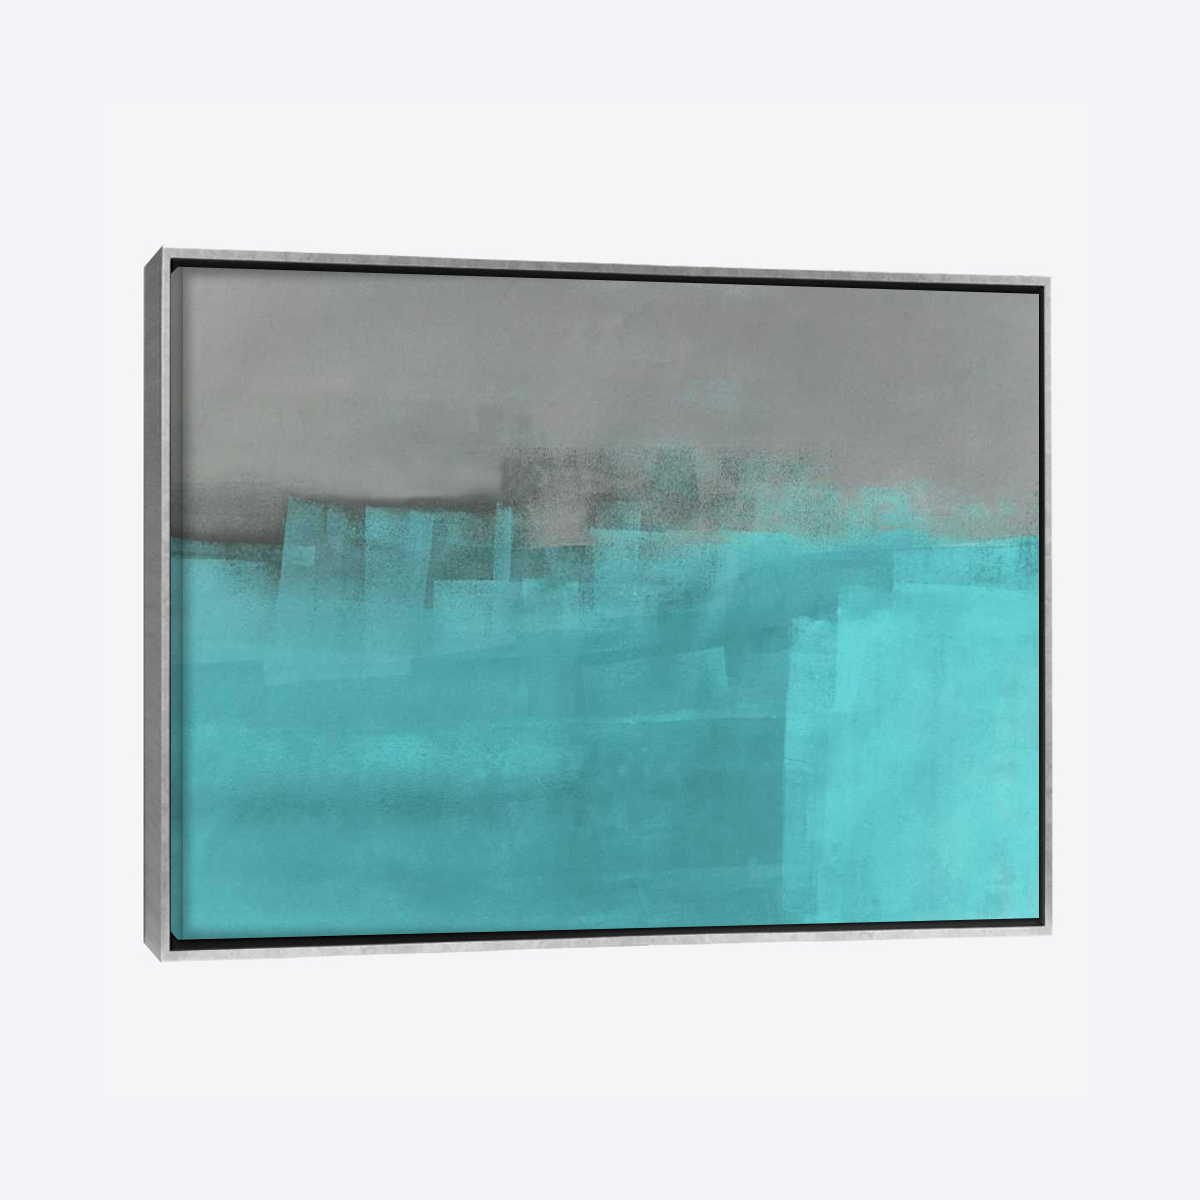 لوحات جدارية - تدرجات الرمادي والأزرق 1 - لوحات جدارية - كانفسي - لوحة فنية جدارية تجريدية بألوان و تصاميم جذابة تعطي طاقة حيوية وتفاؤل و تتناسب مع جميع أثاثكم شاهد المزيد في متجر كانفسي